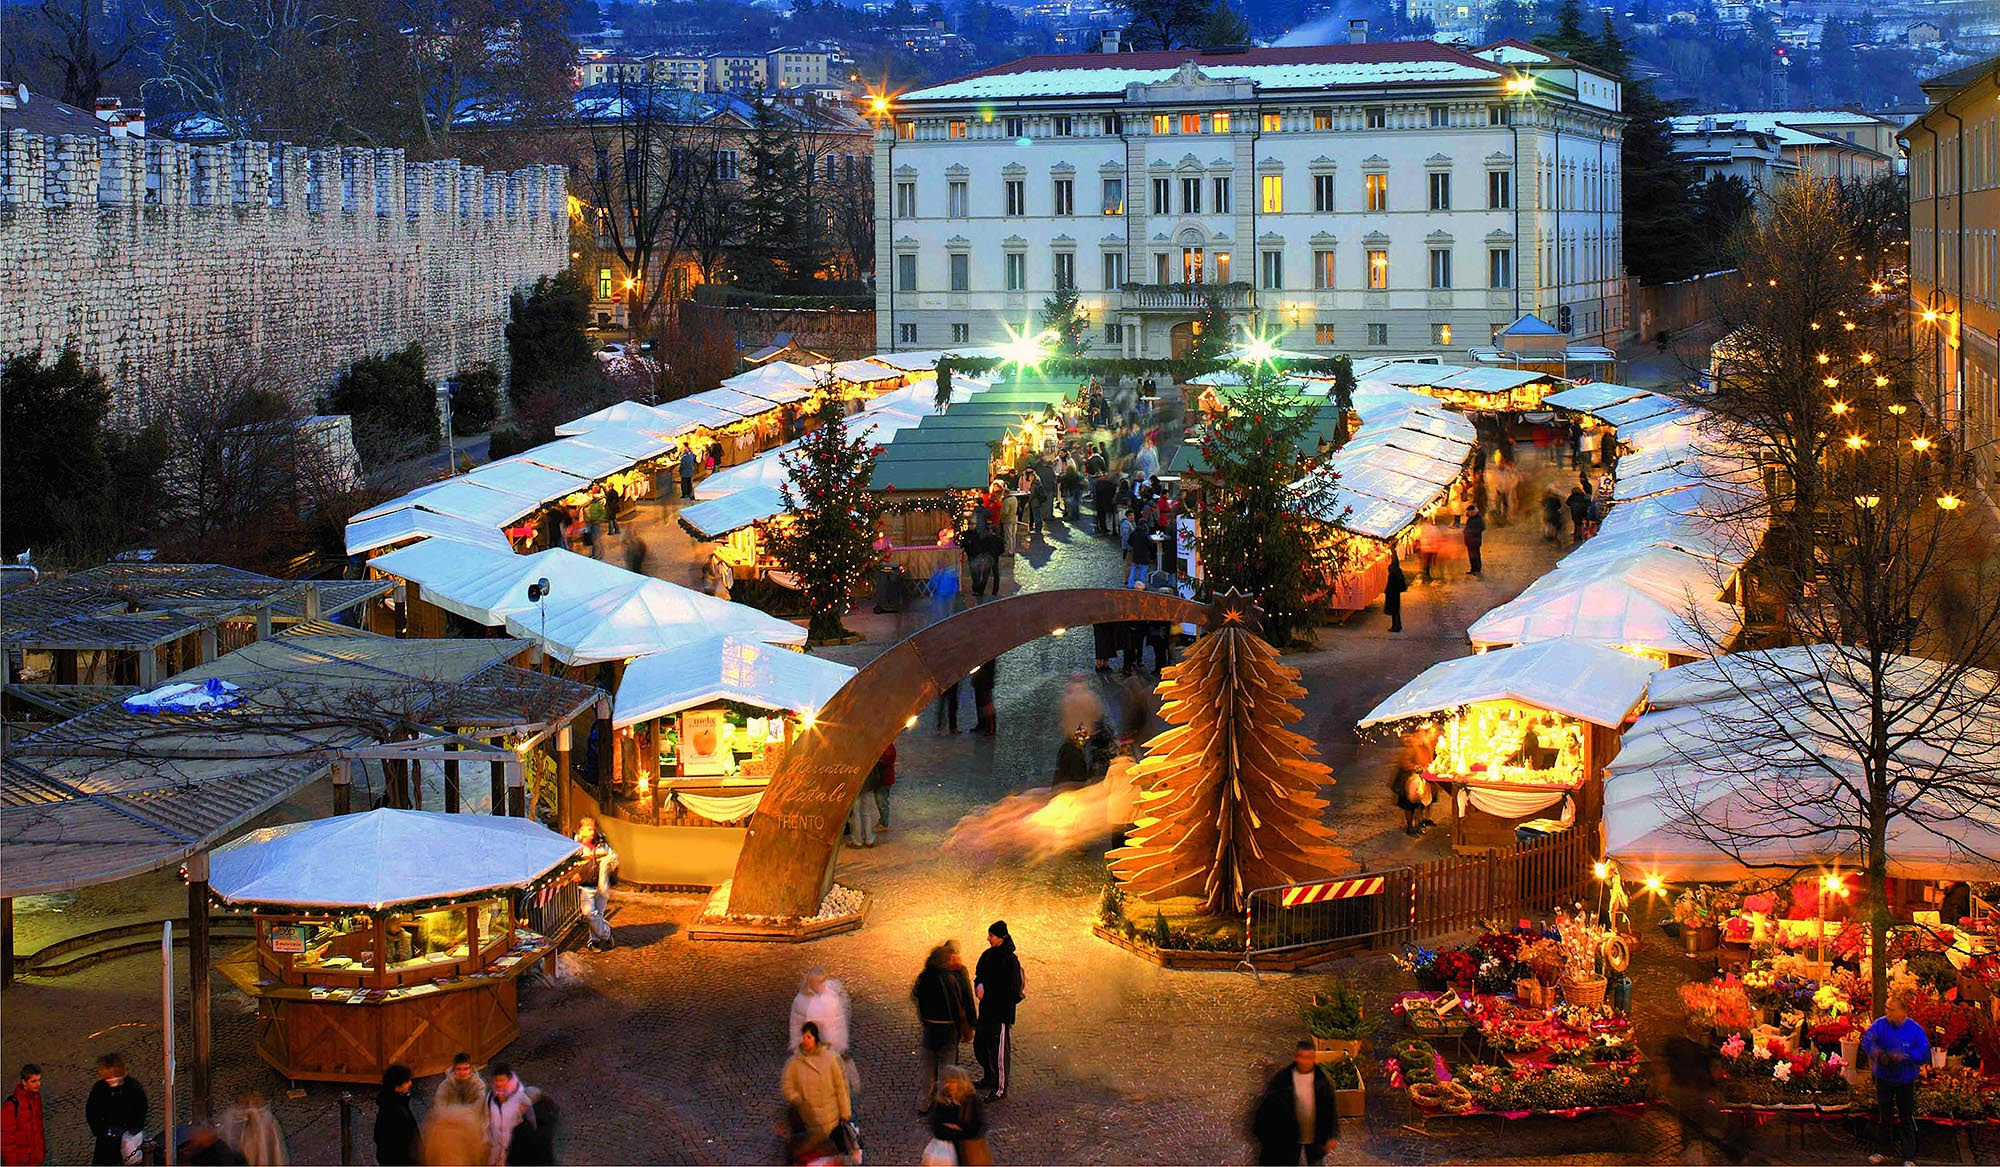 Natale A Trento.Mercatini Di Natale A Trento Dal 24 Novembre Al 6 Gennaio